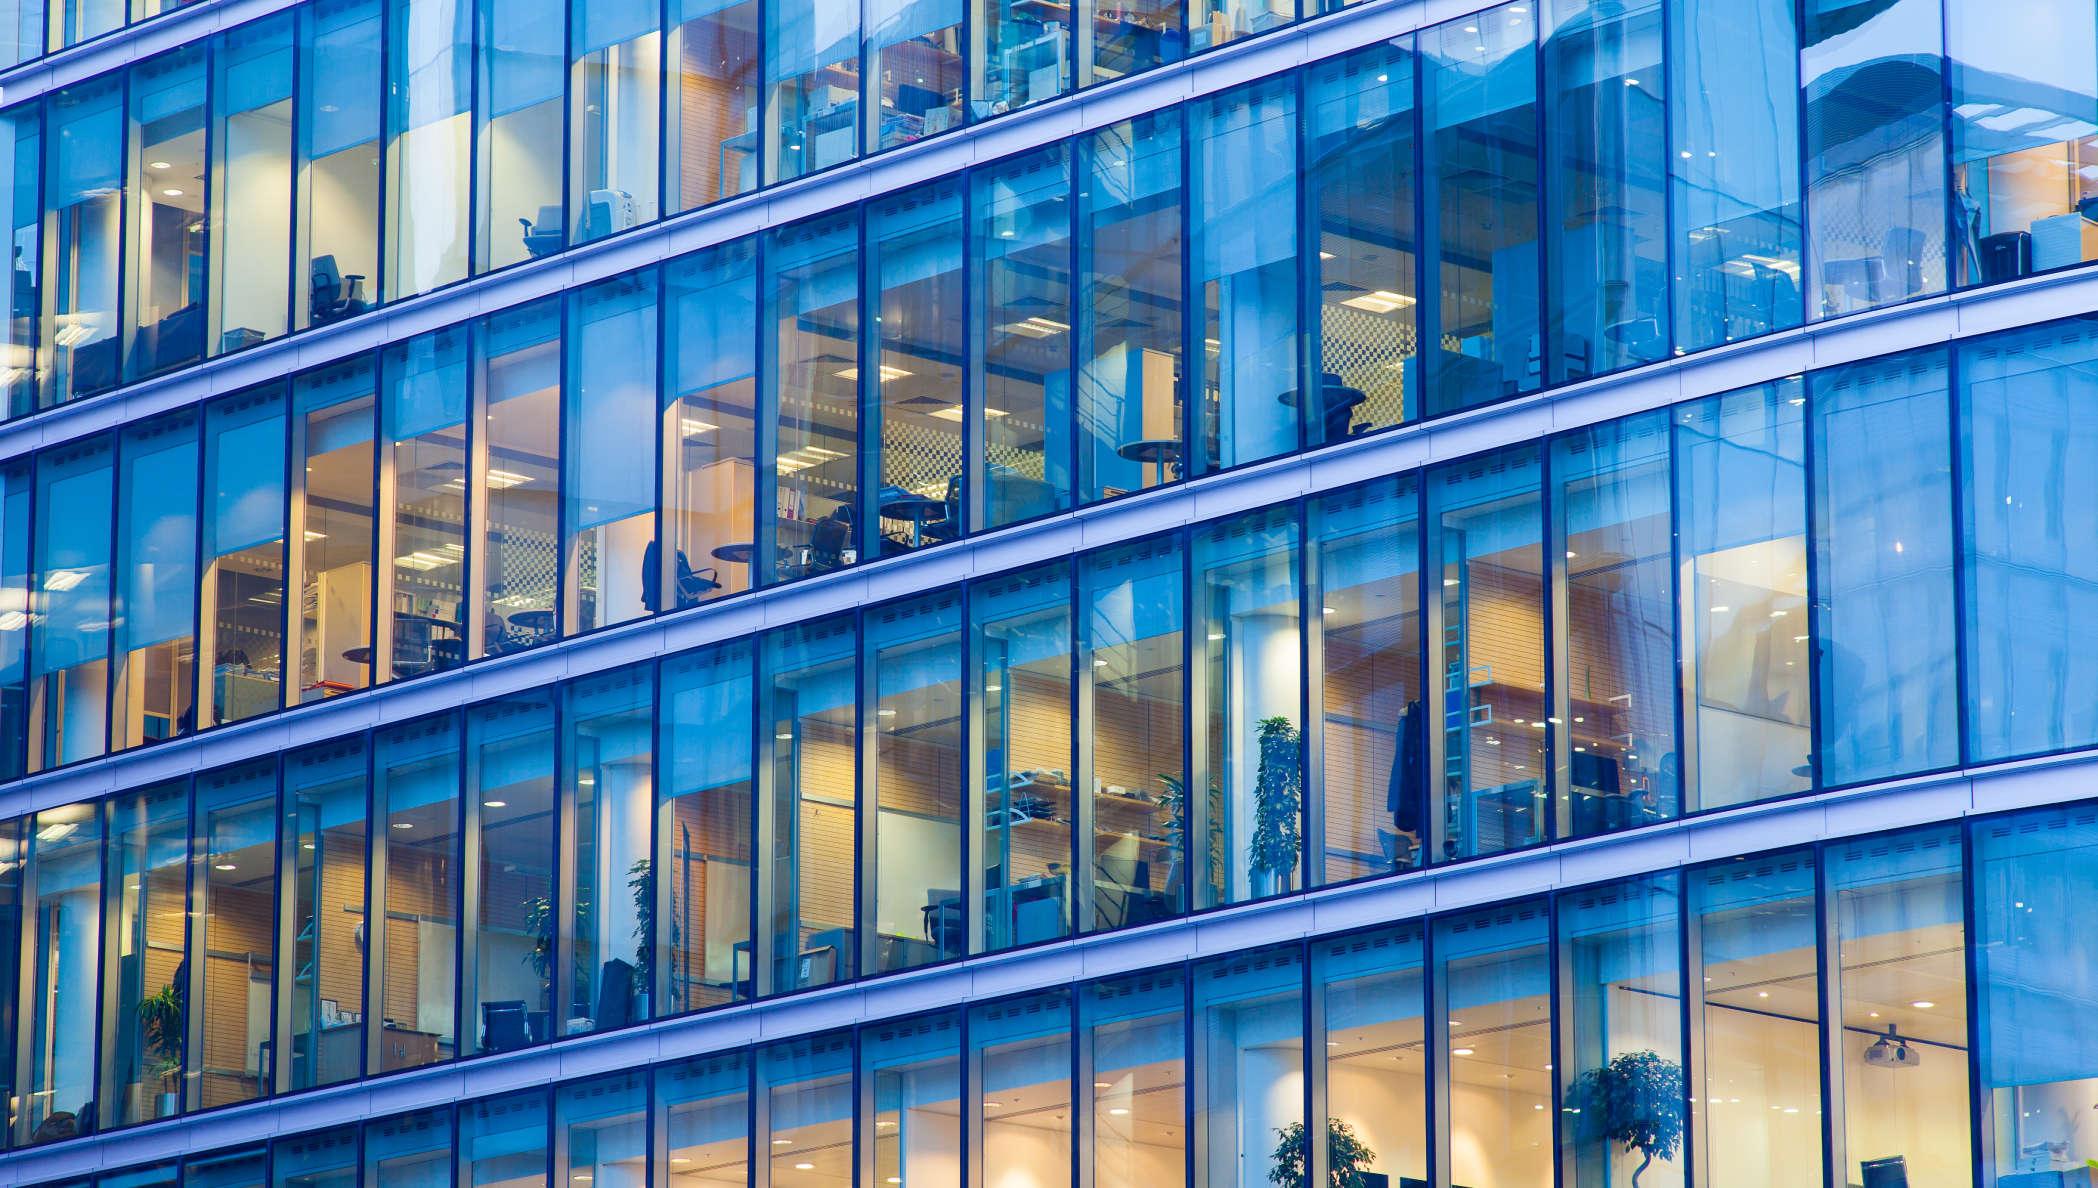 Bild eines Bürogebäudes